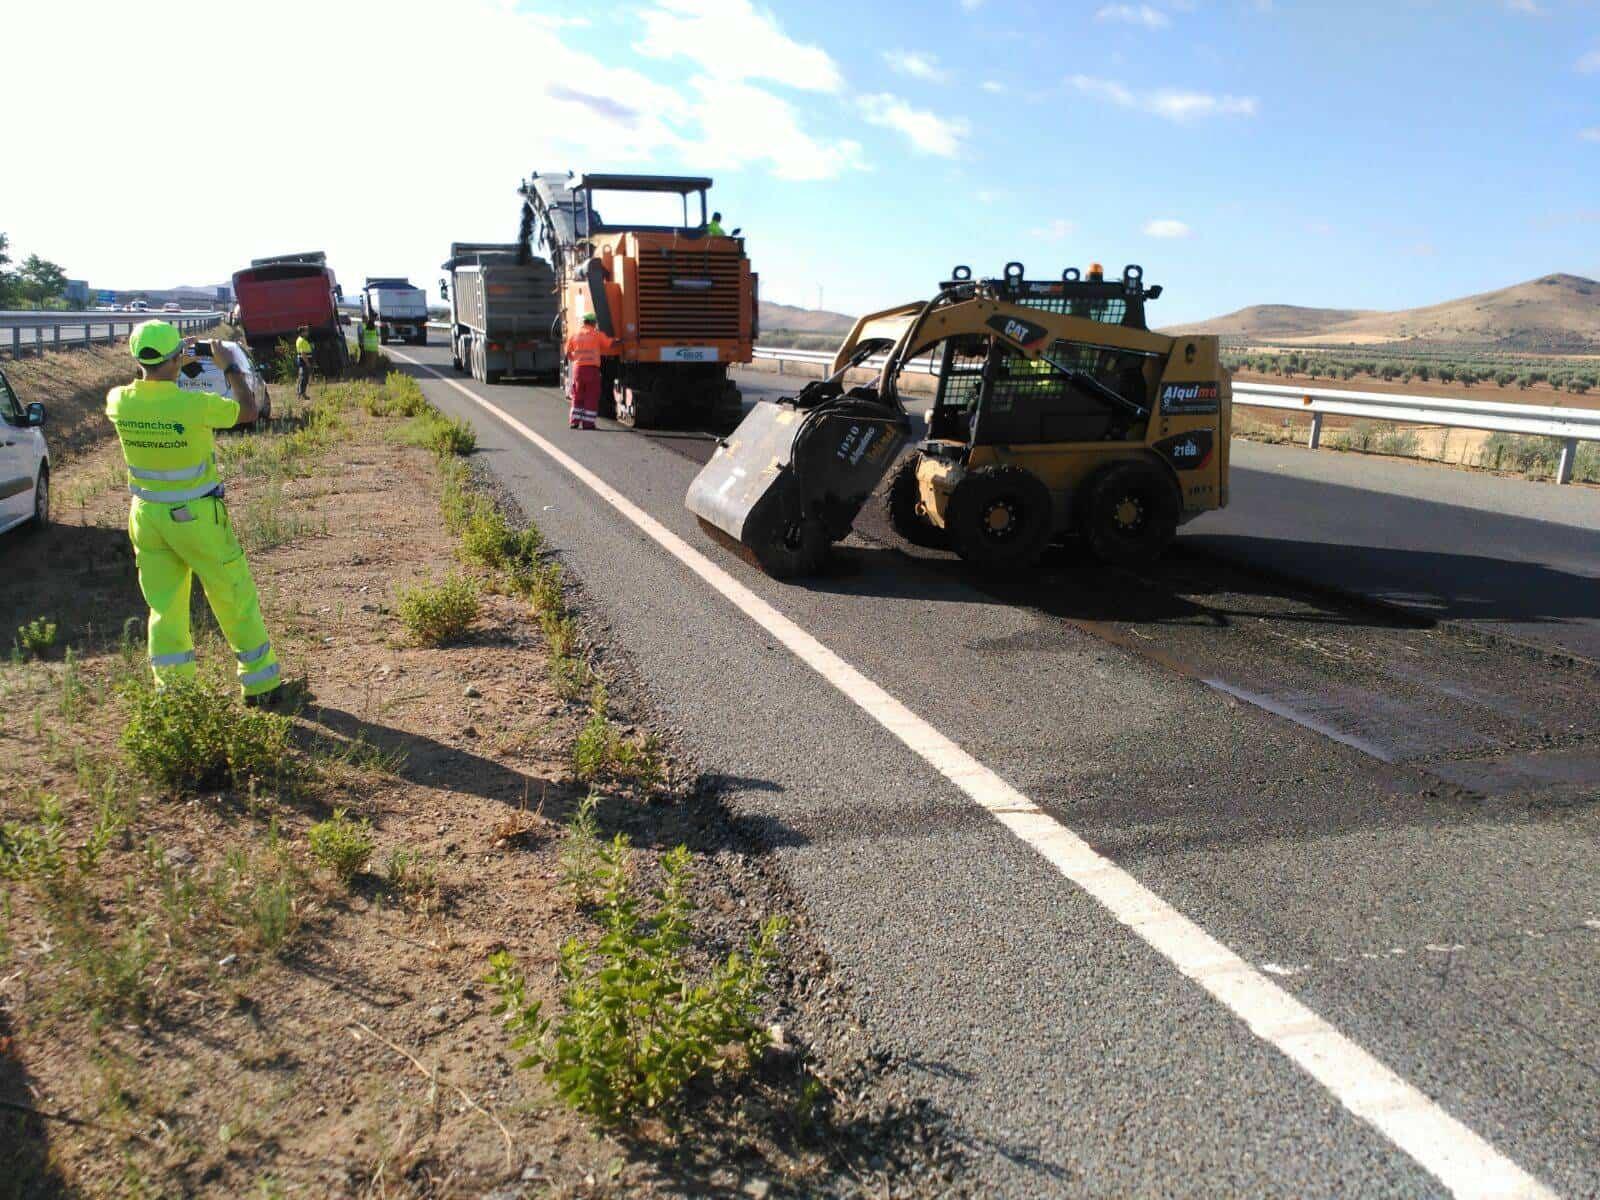 obras autovia vinedos 2 - Inicio de rehabilitación de pavimento en primer tramo de Autovía de los Viñedos